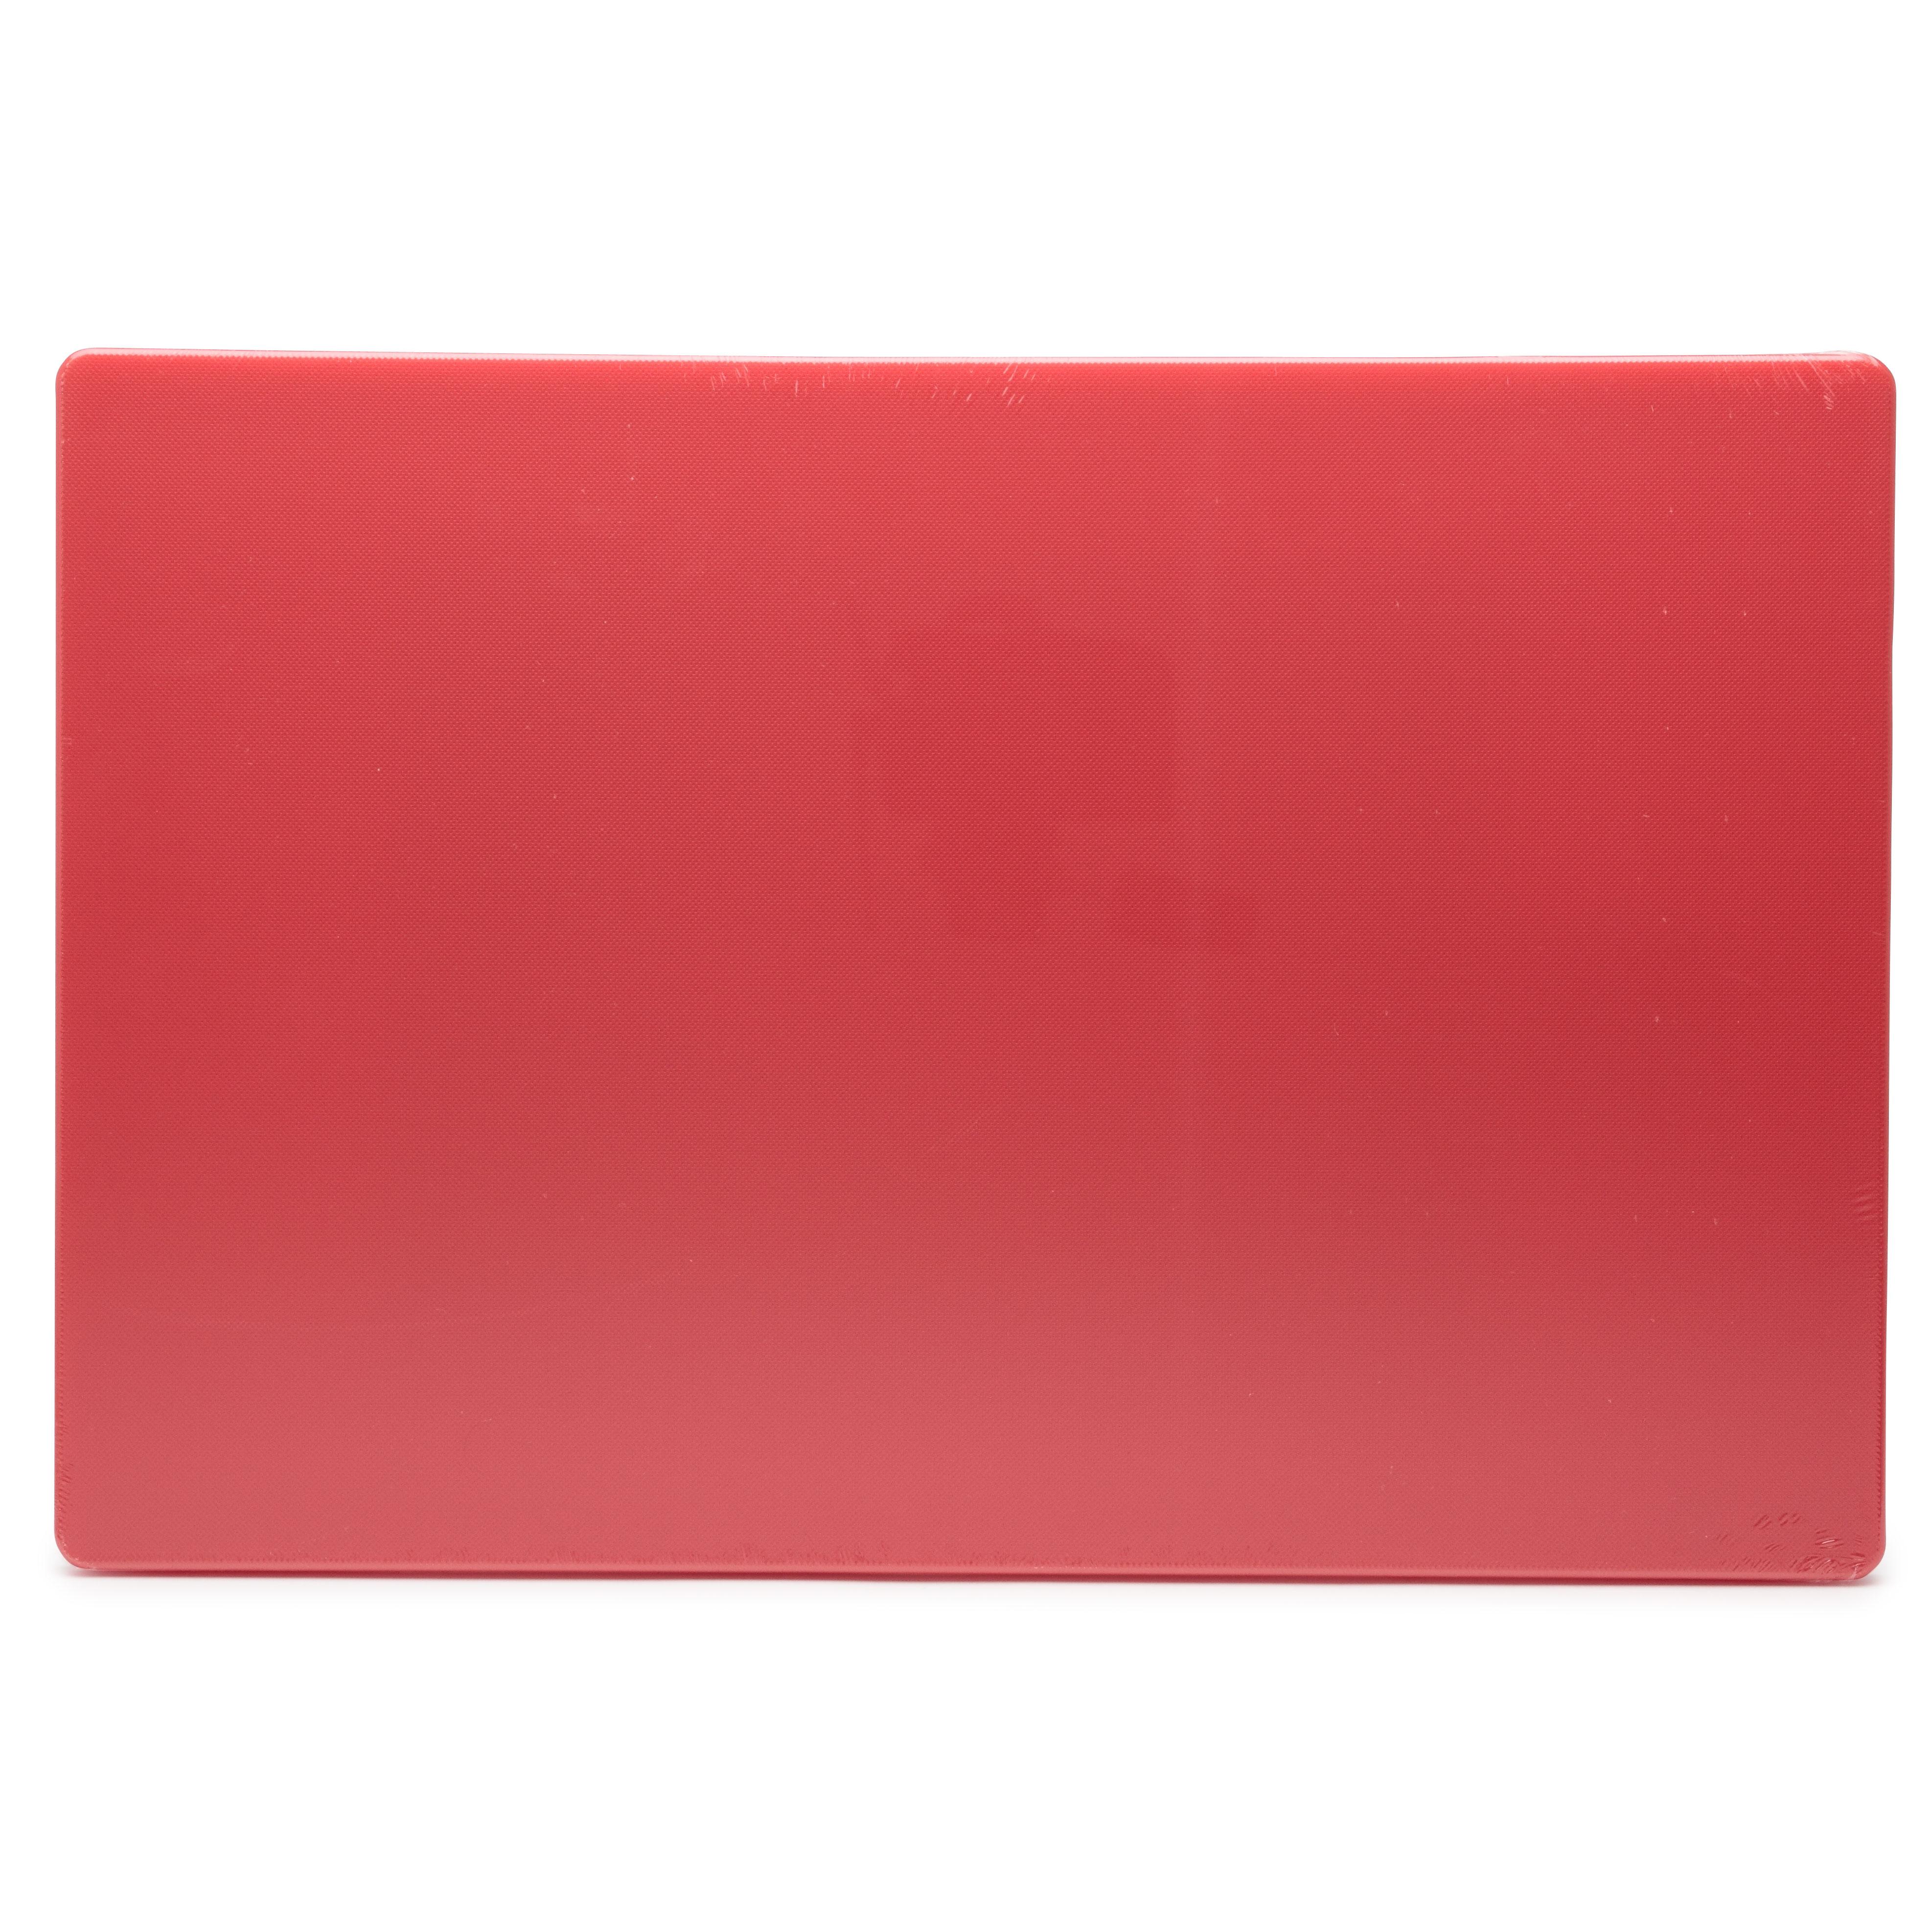 Royal Industries ROY CB 1824 R cutting board, plastic